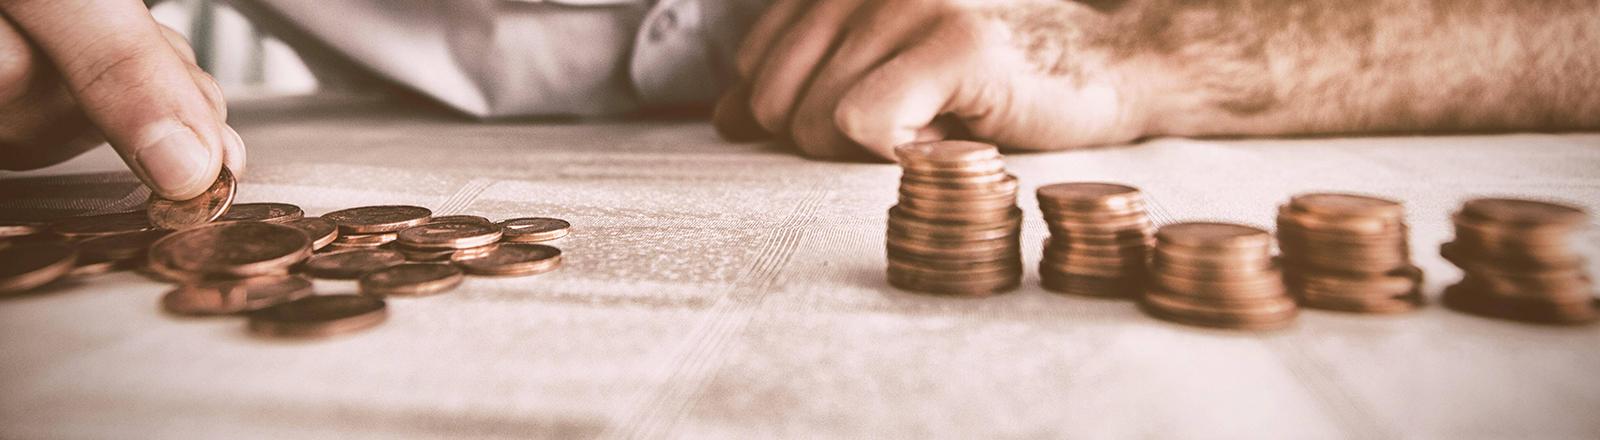 Mann zählt Centmünzen